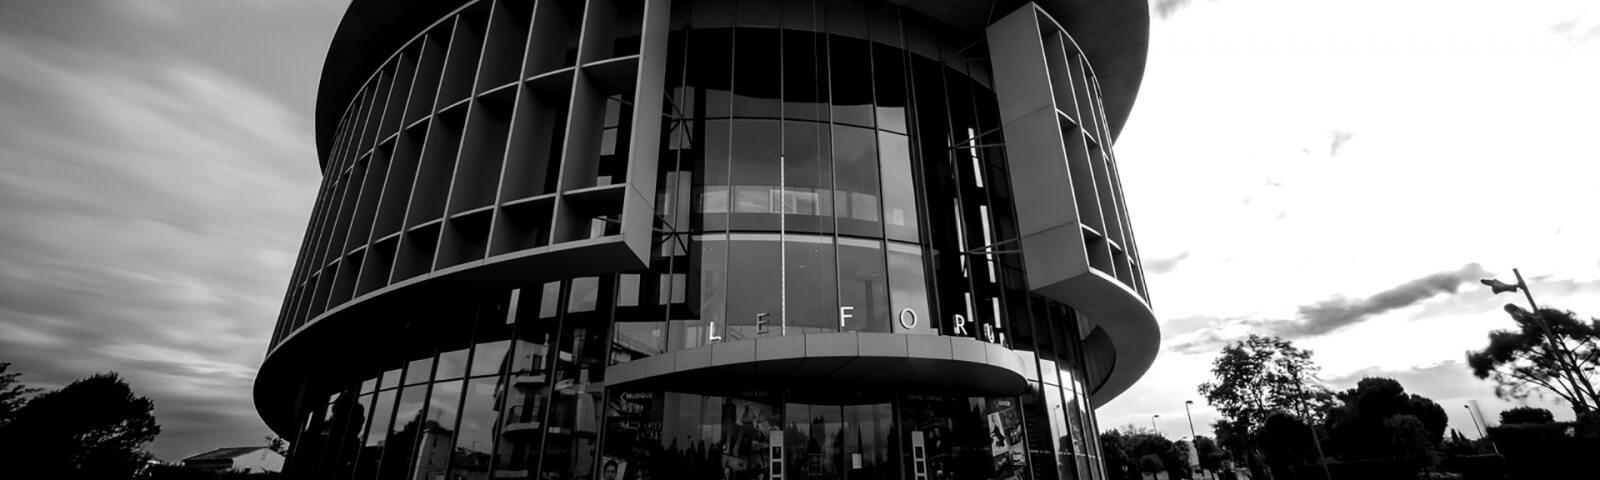 01-le-forum-bandeau